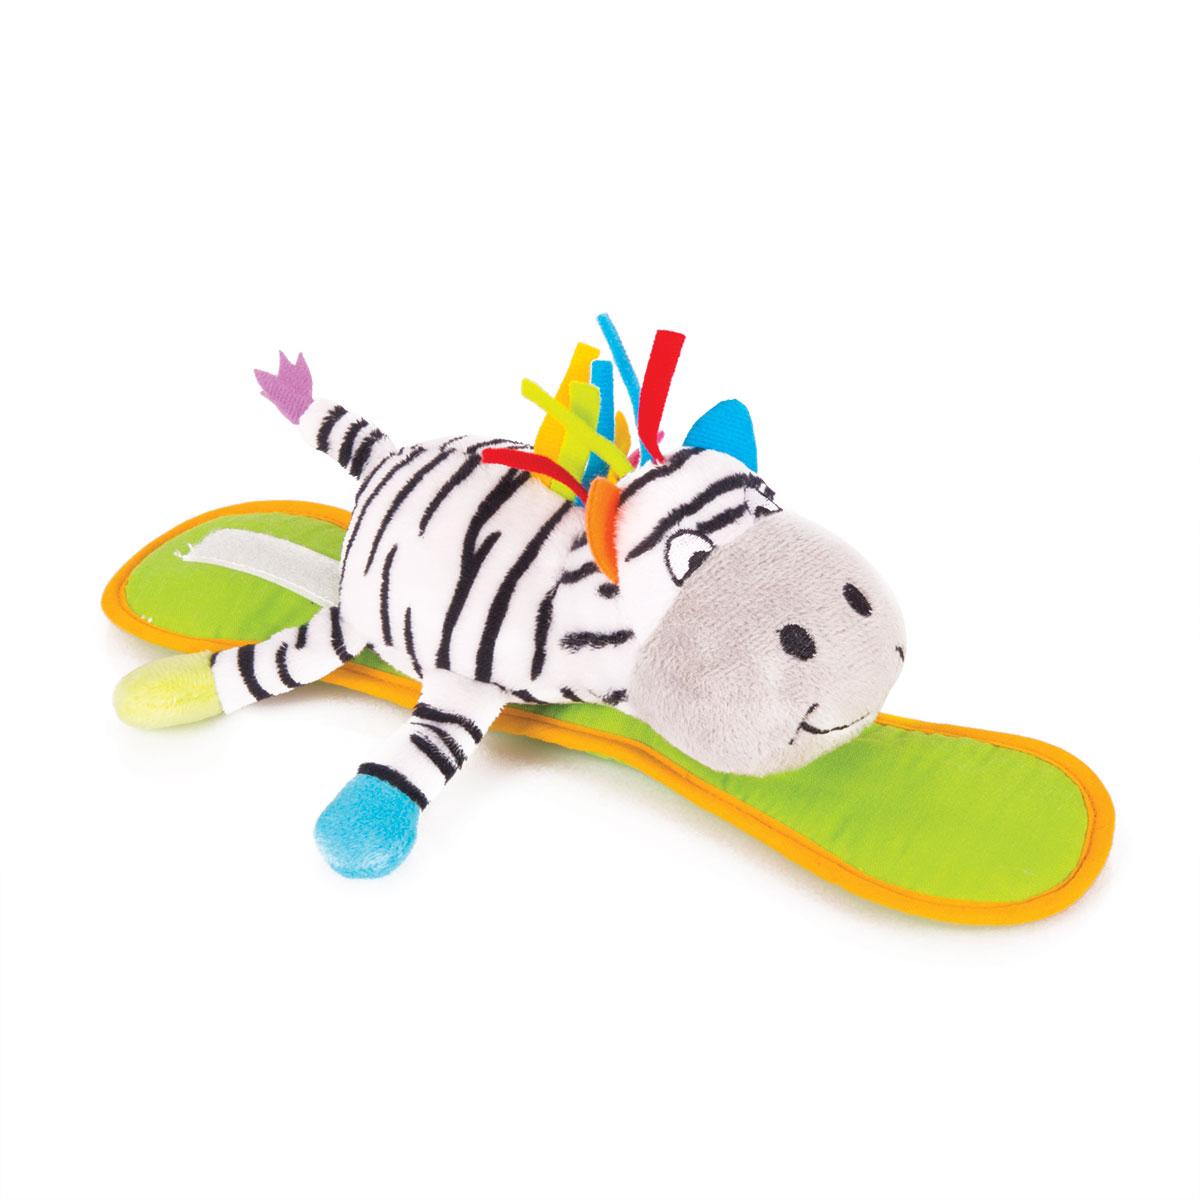 Happy Snail Развивающая игрушка Зебра Фру-Фру